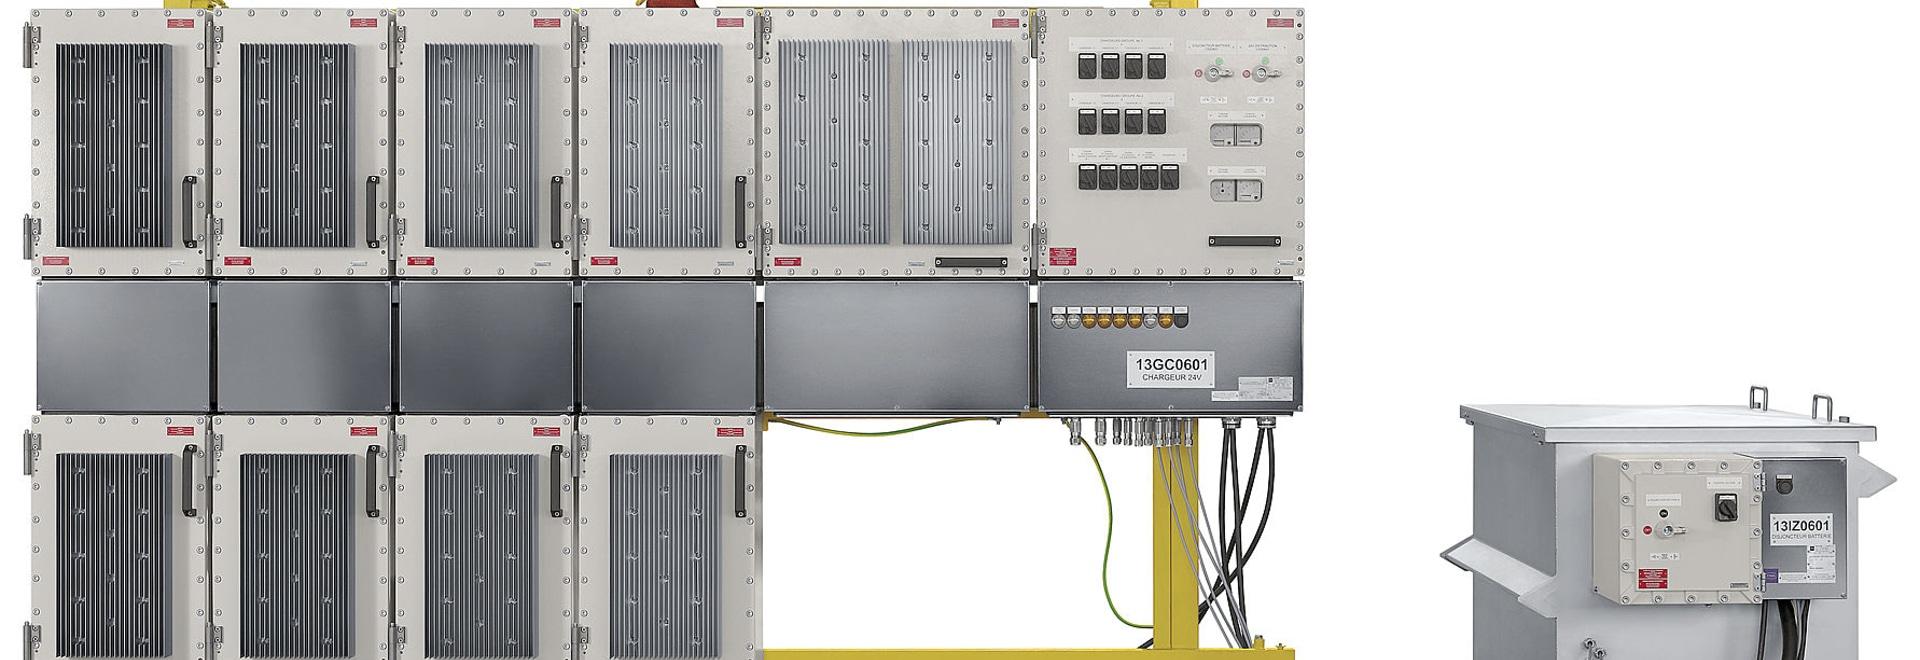 Systèmes adaptés aux besoins du client d'UPS pour des secteurs dangereux d'installation en mer